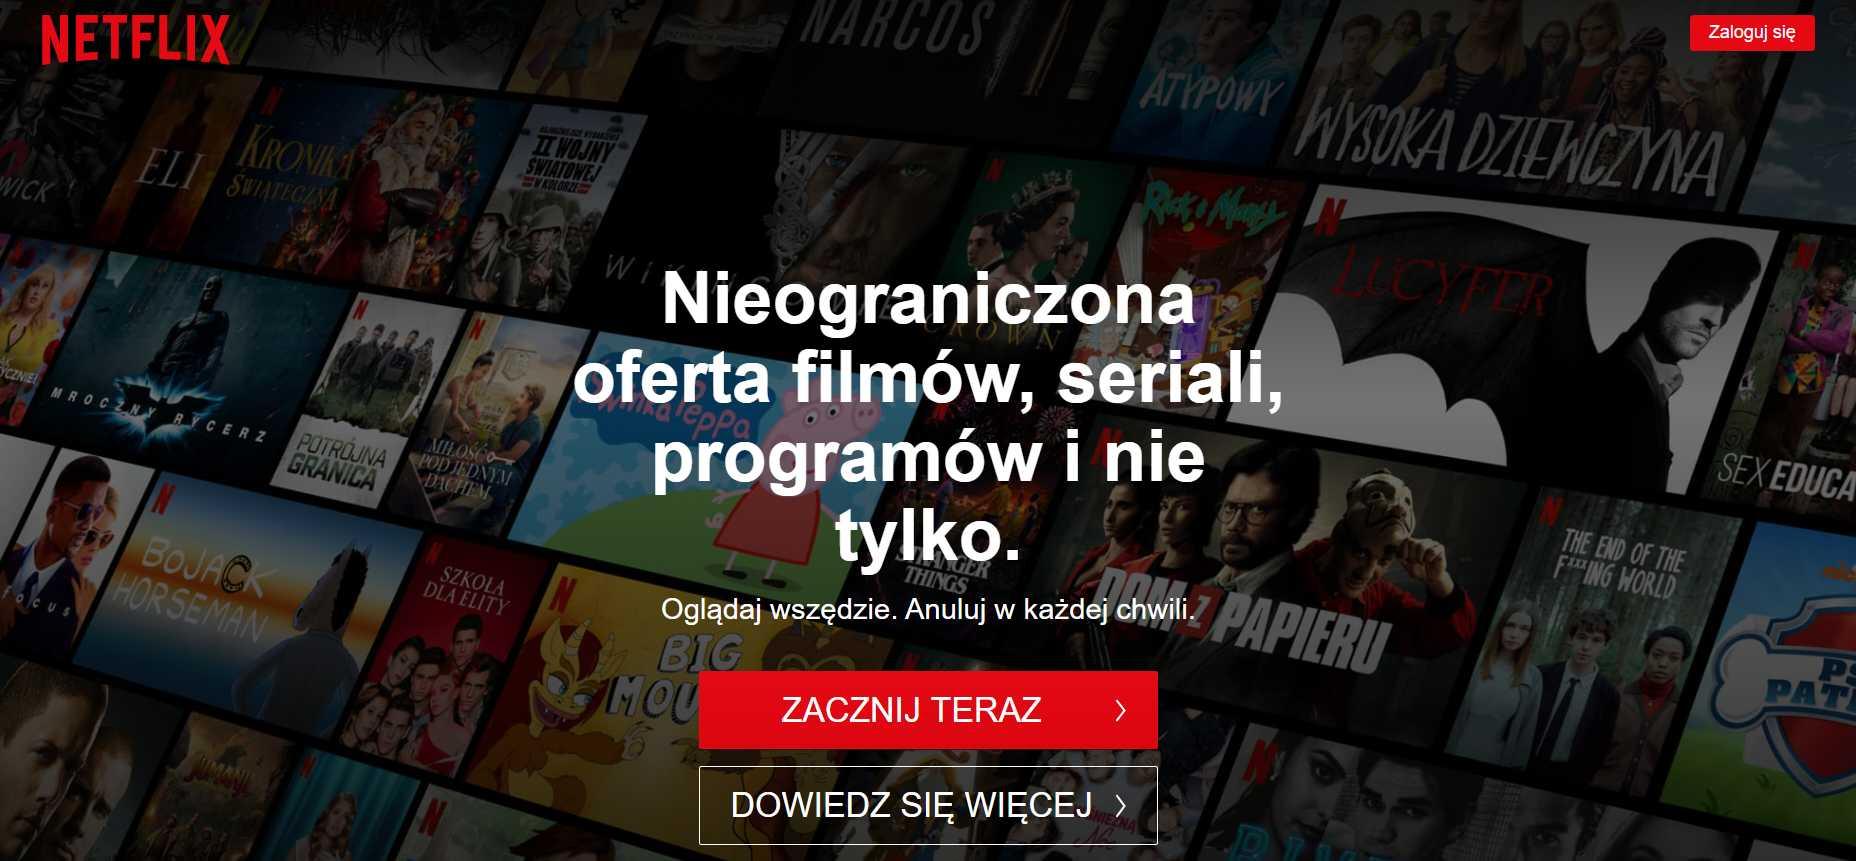 Netflix za darmo okres próbny